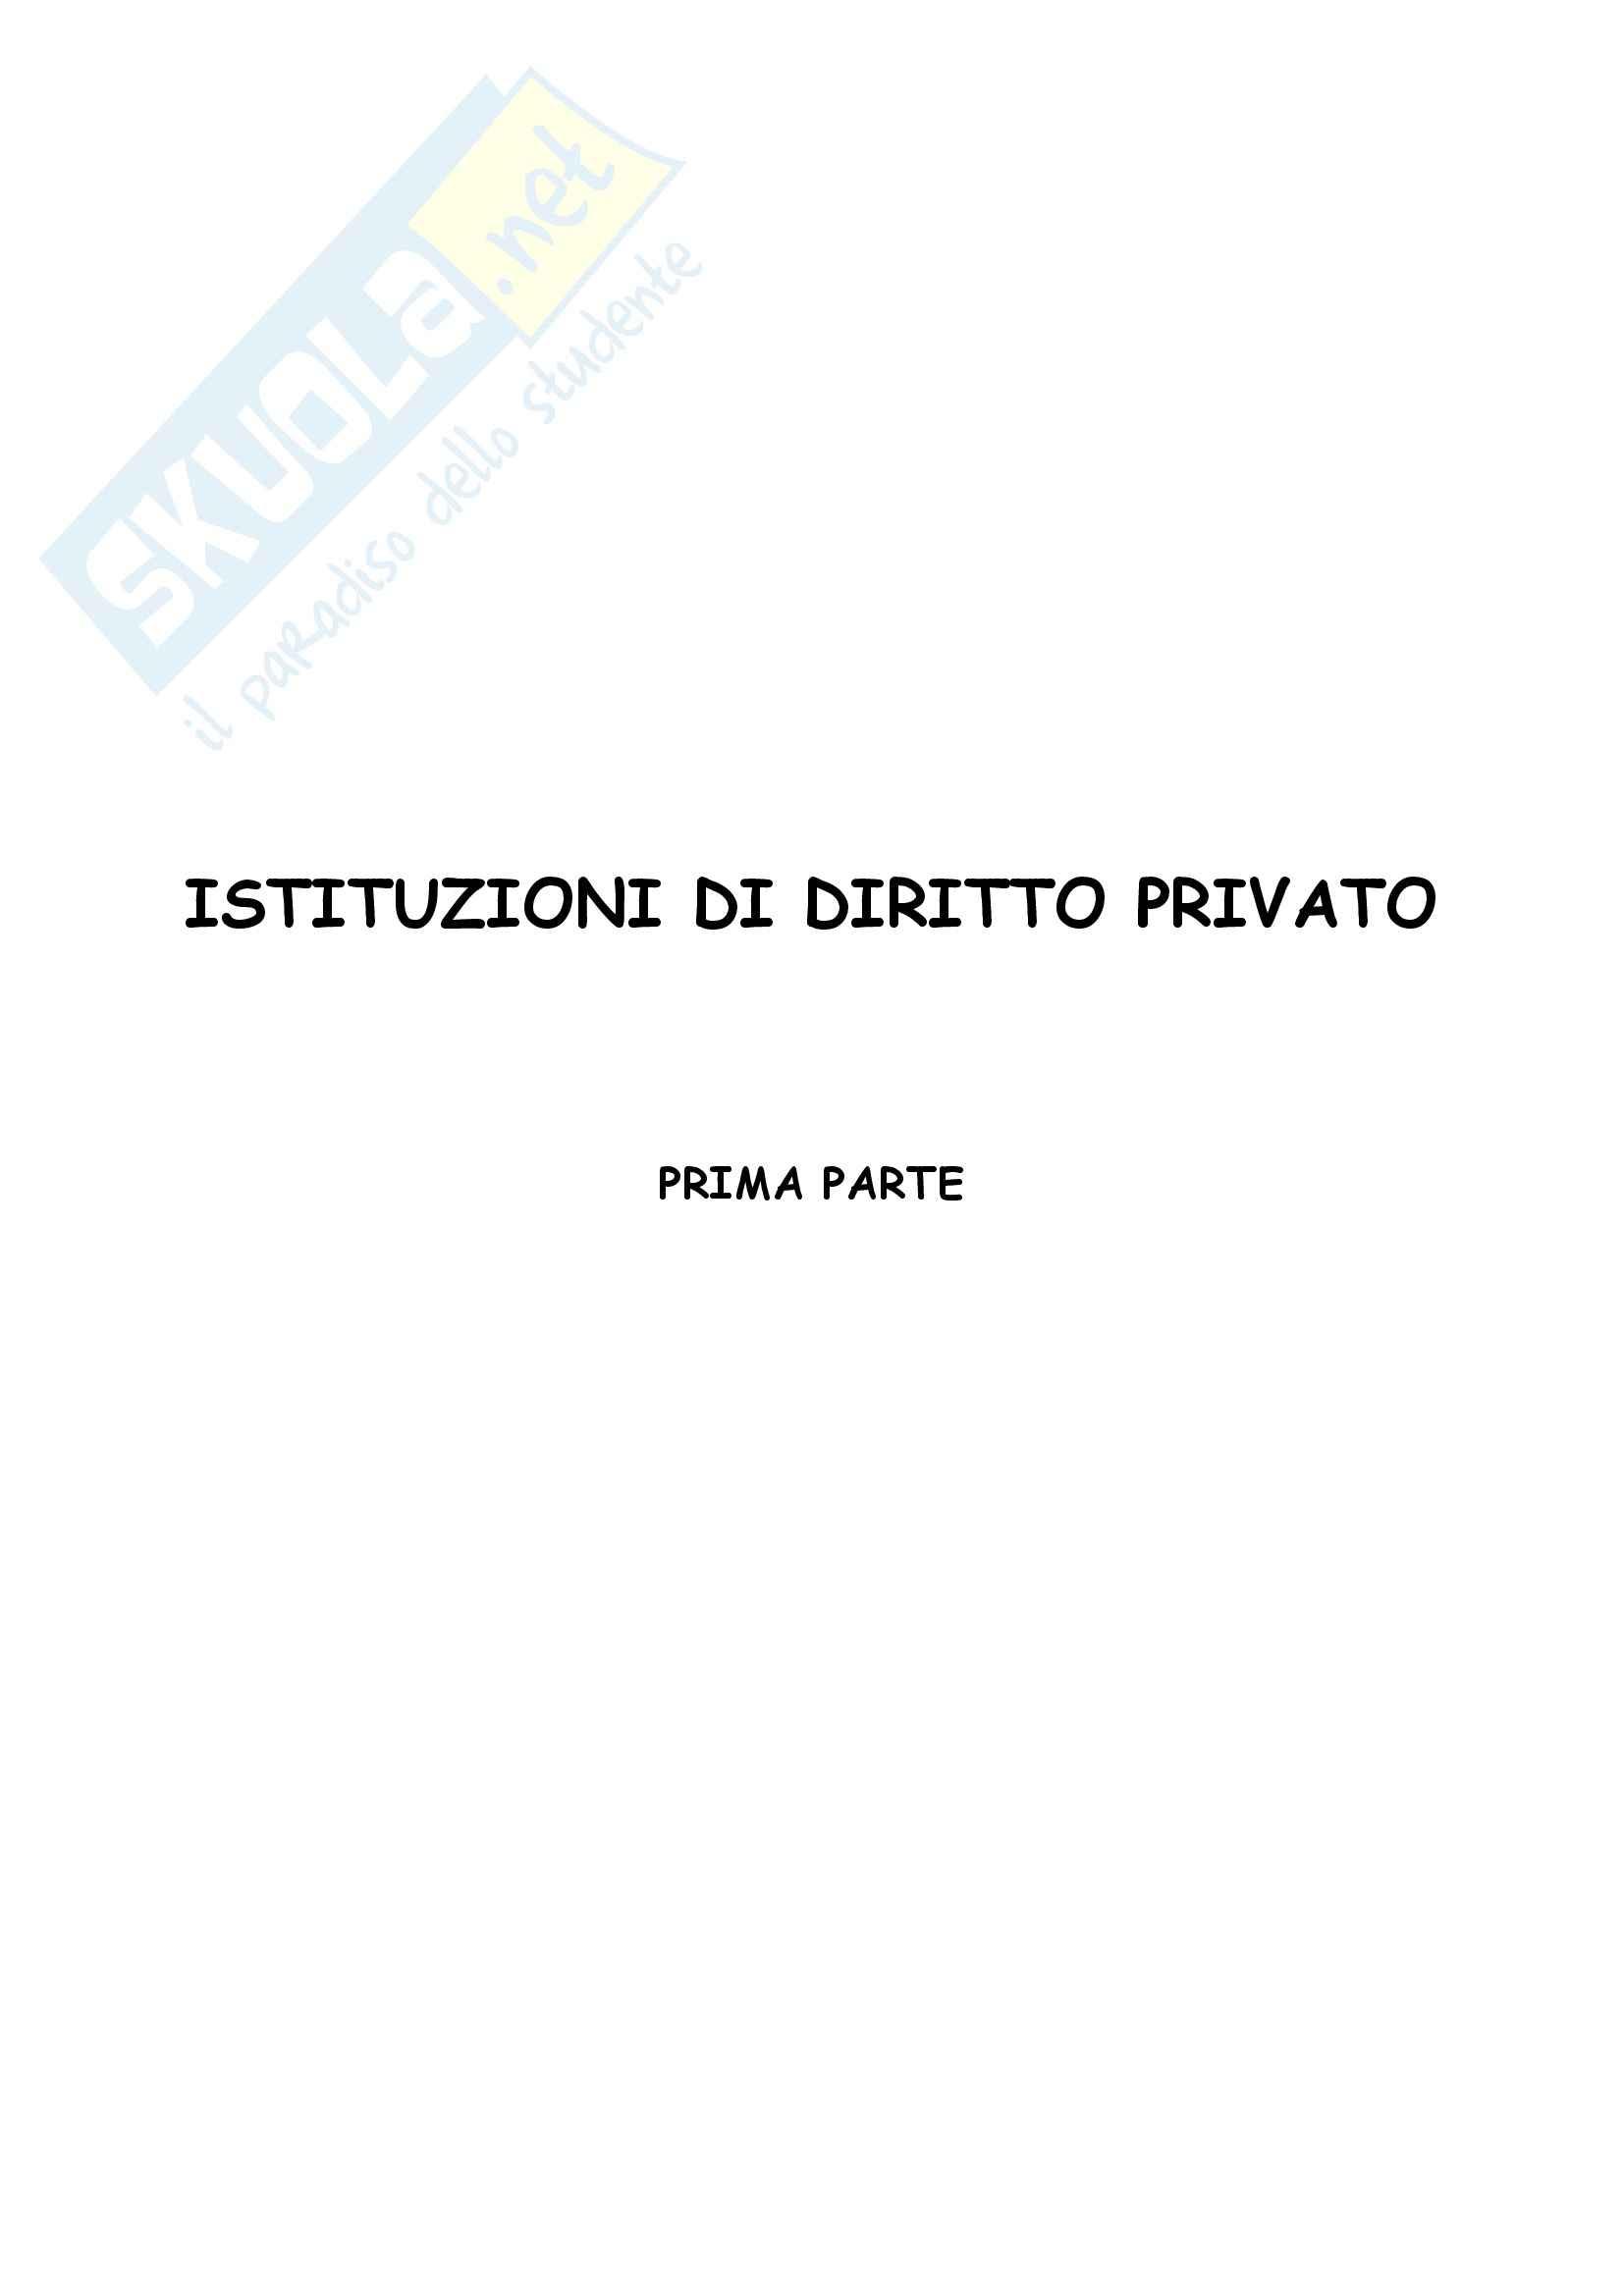 appunto G. Iudica Diritto privato